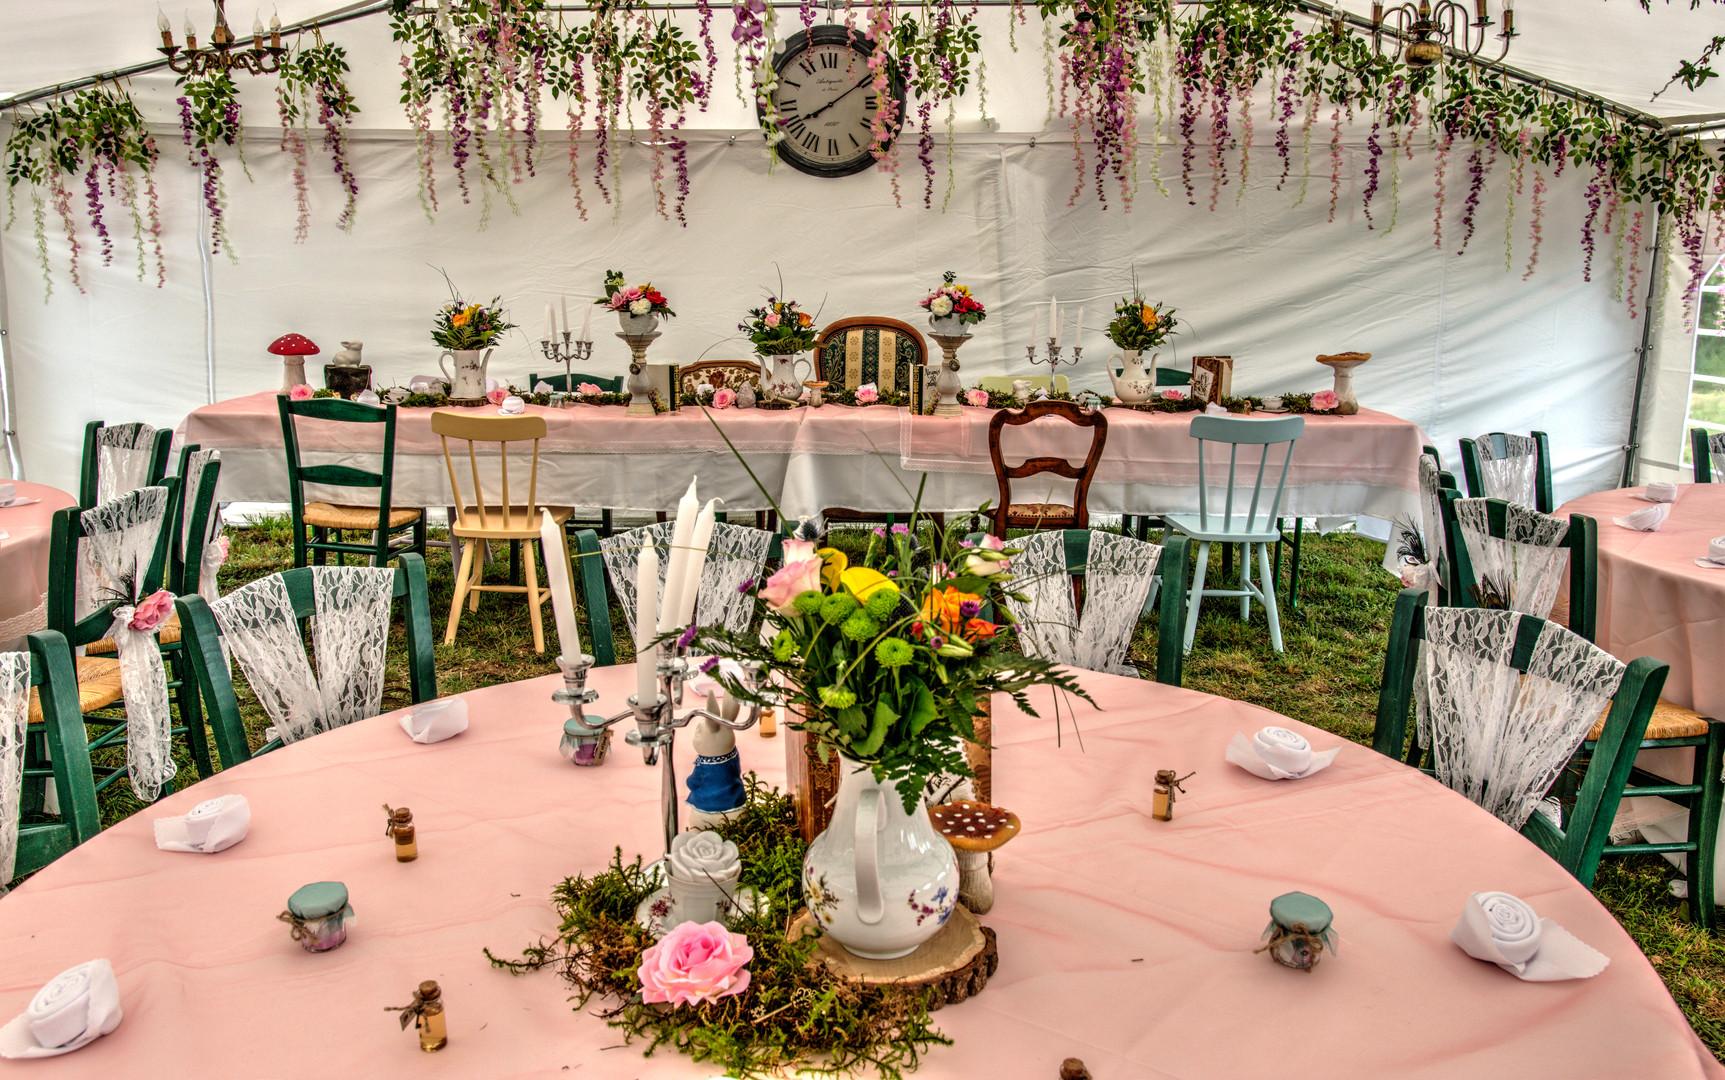 décoration mariage alice au pays des merveilles